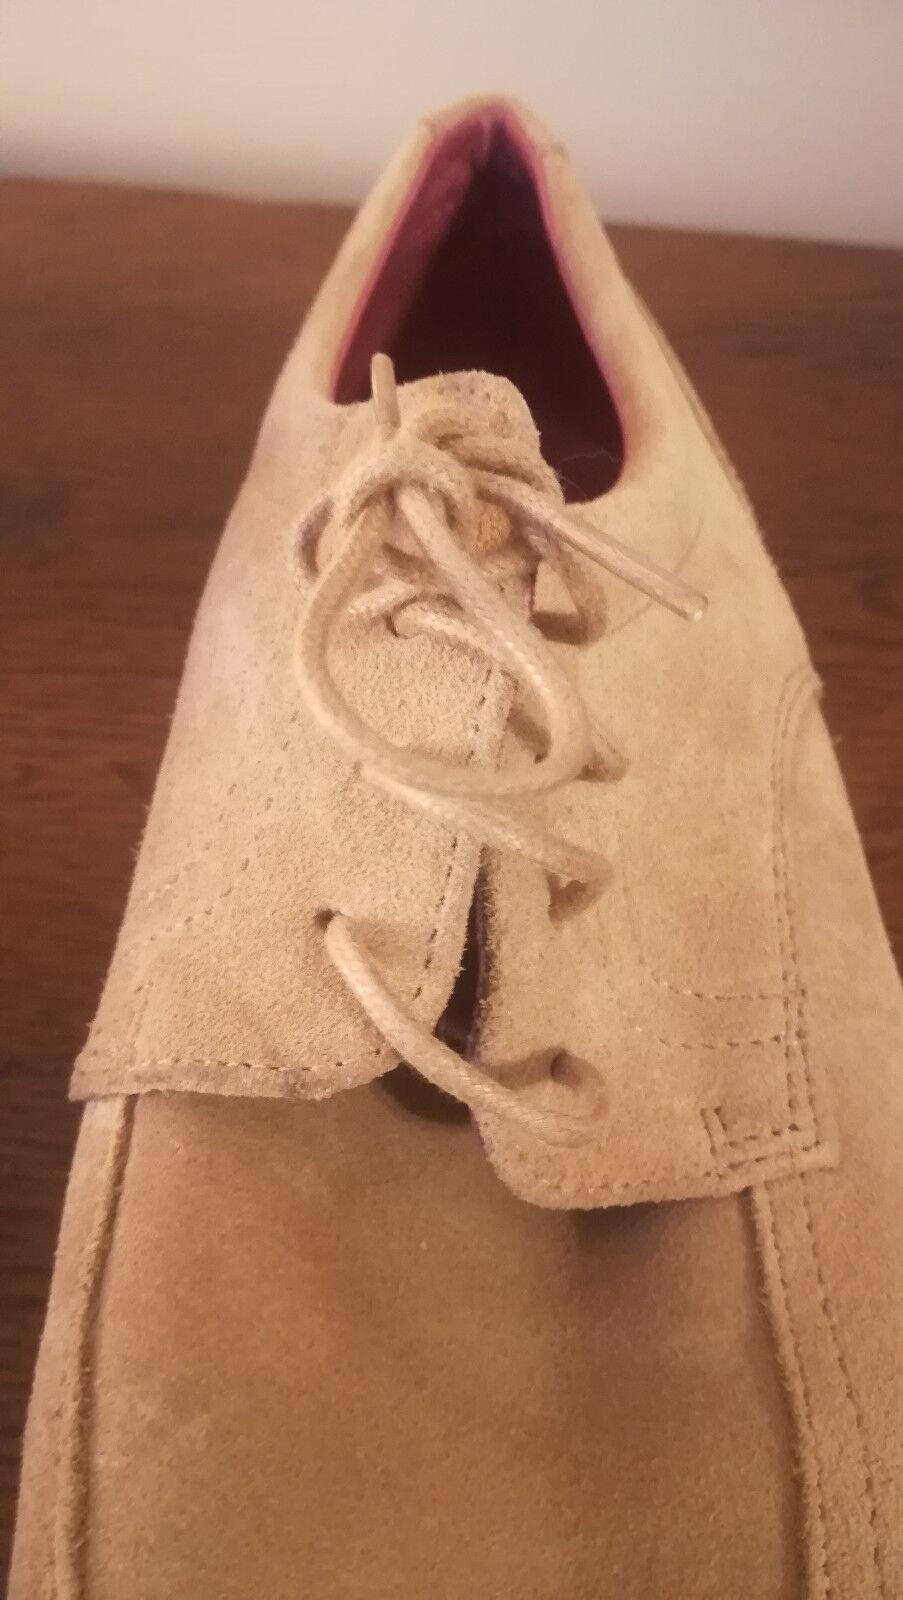 Zapatos HOMME - CUIR DAIM NUBUCK - BEIGE BEIGE BEIGE - TED LAPIDUS - POINTURE 44 8a97b7